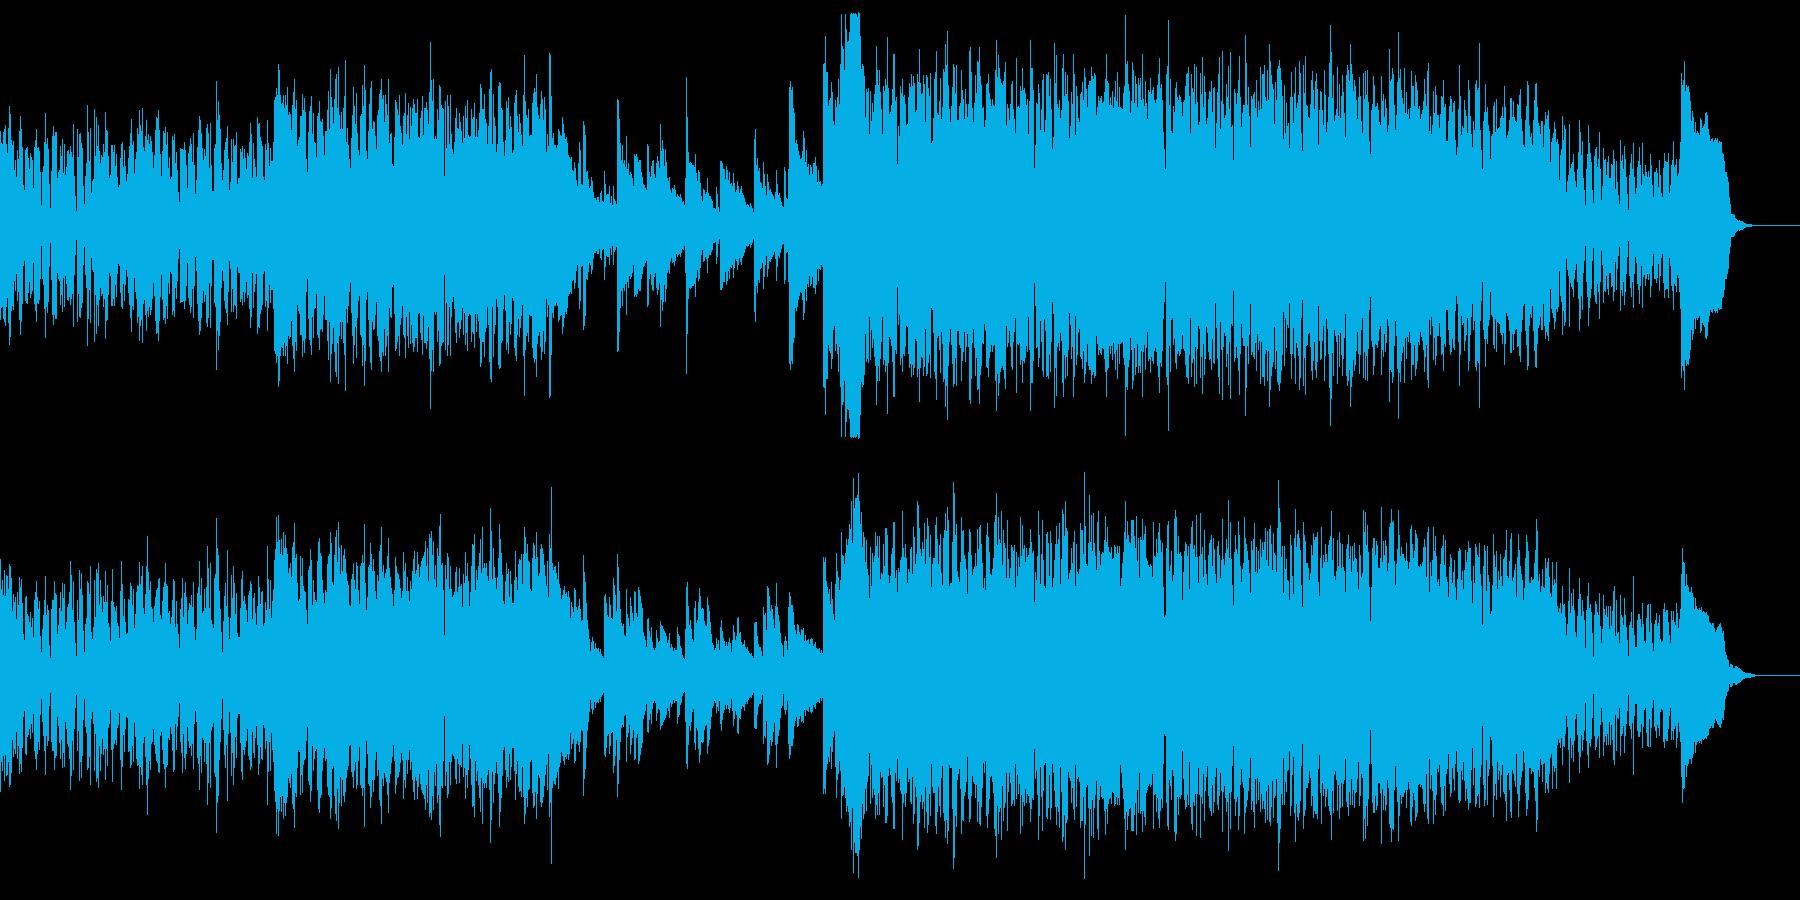 シンセ中心のダンジョンBGM(ループ可)の再生済みの波形